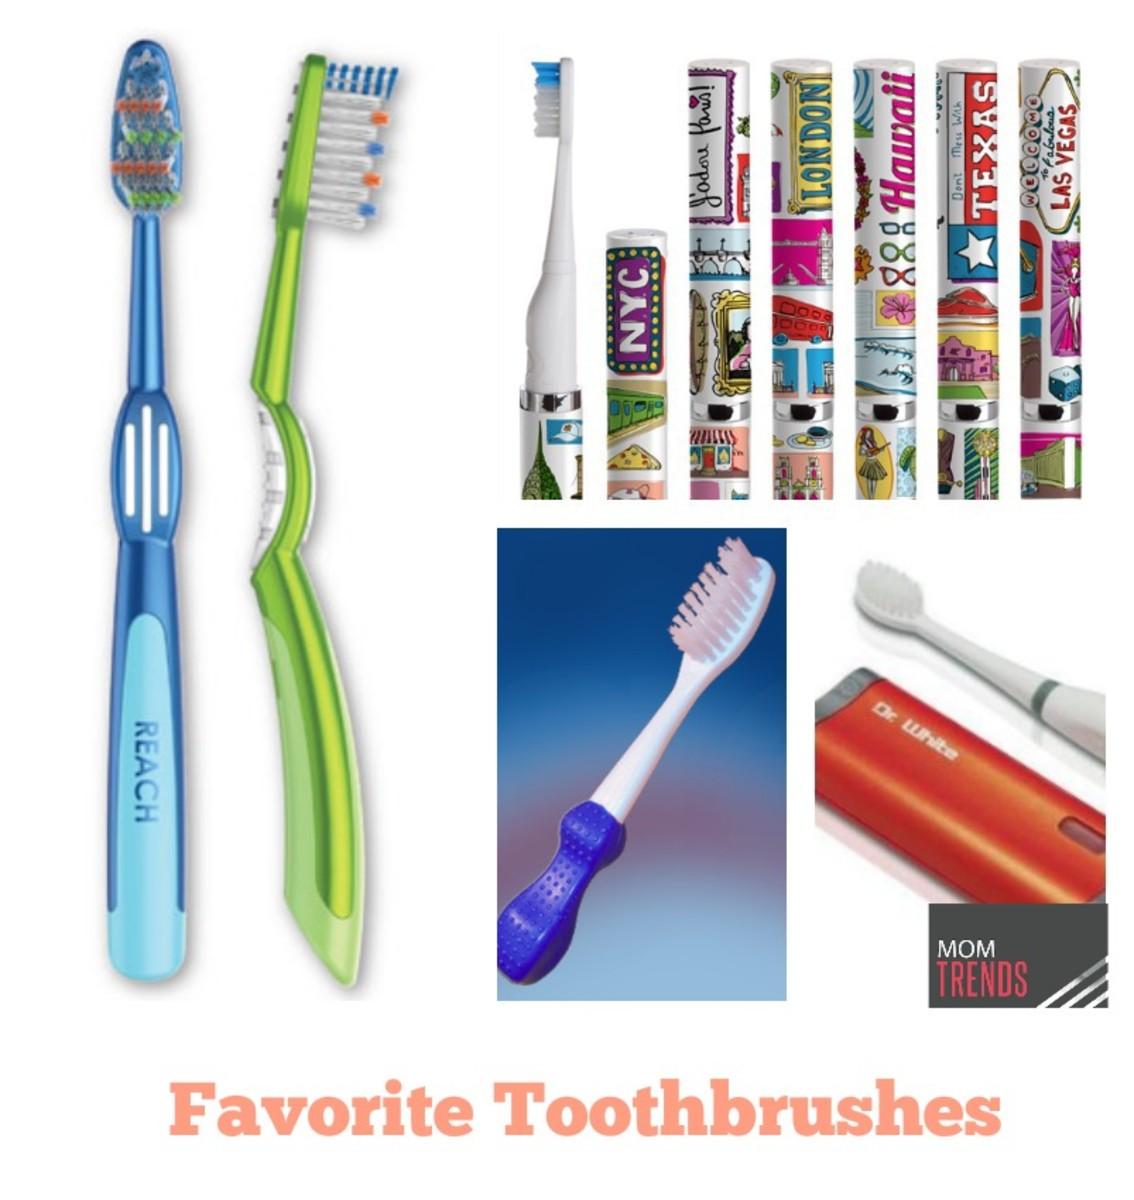 Favorite Toothbrushes